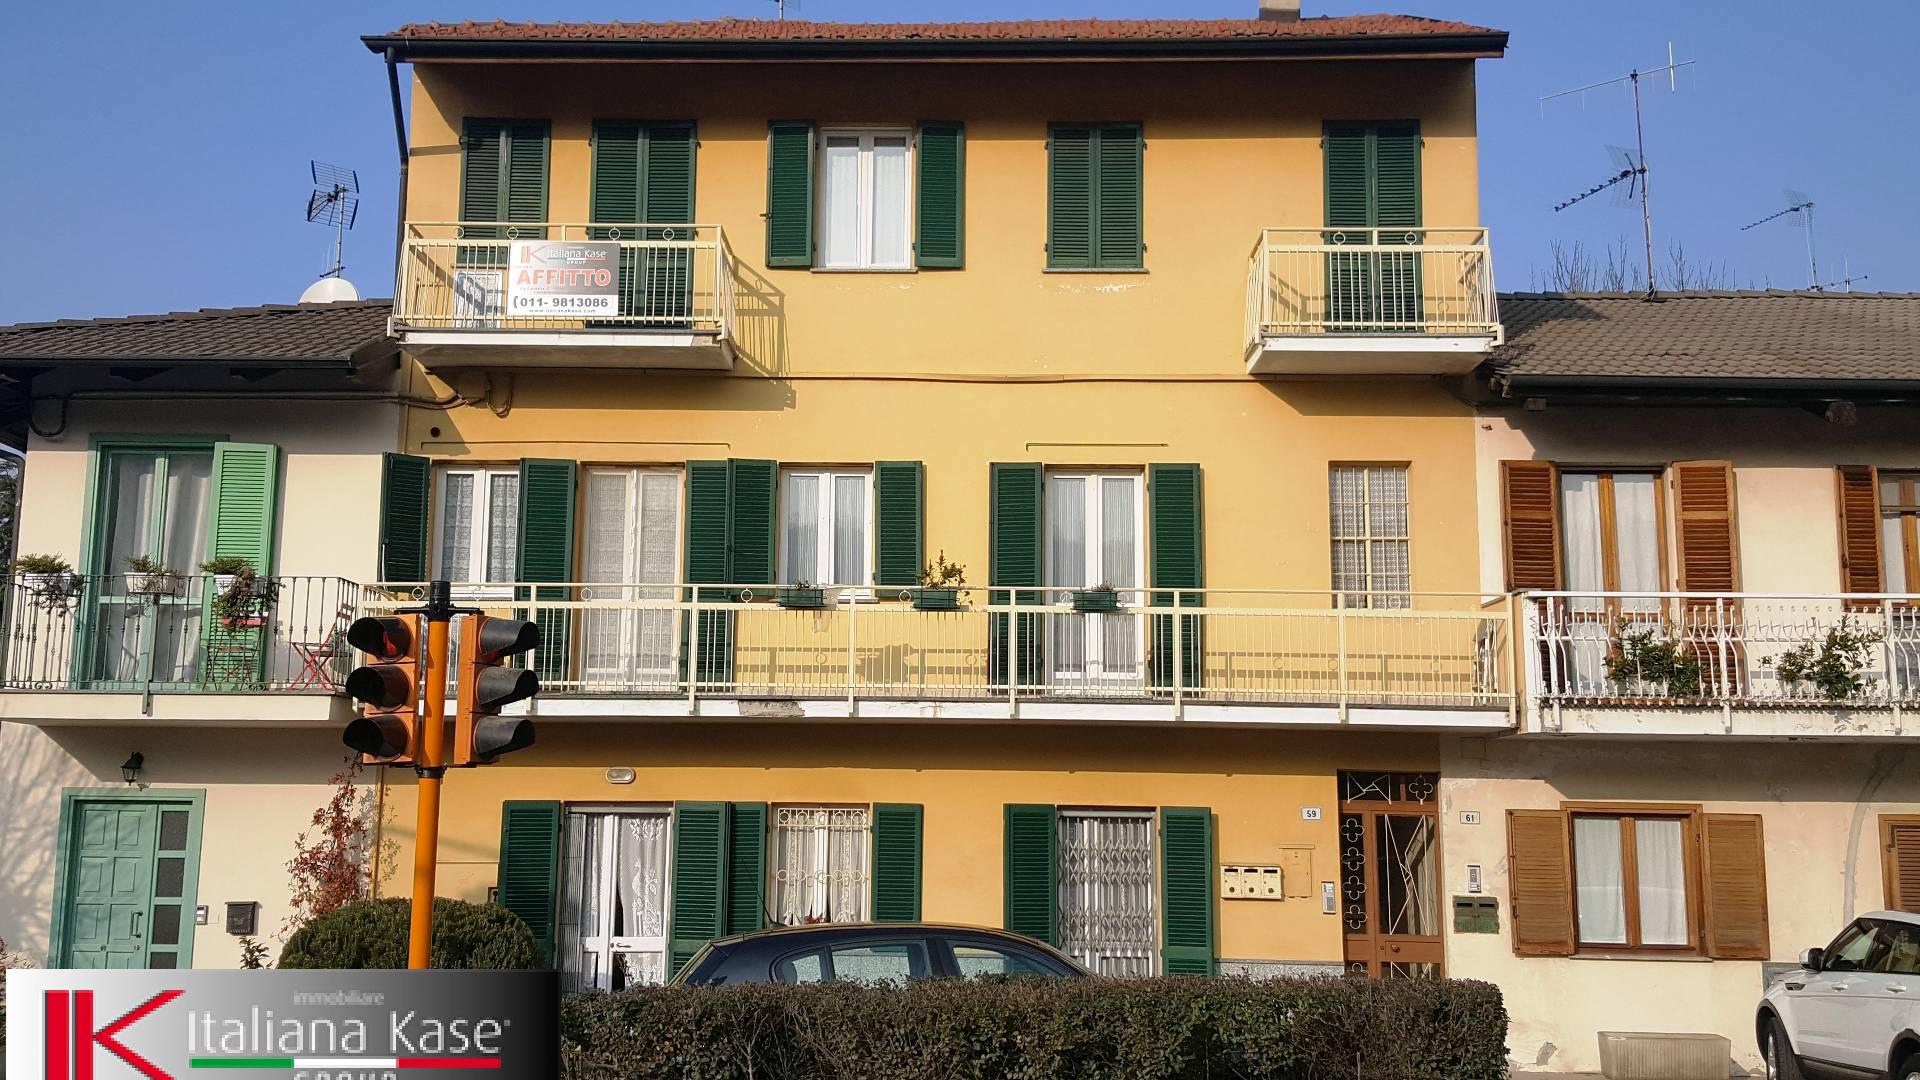 Appartamento in affitto a Castiglione Torinese, 2 locali, zona Località: Centro, prezzo € 420 | CambioCasa.it